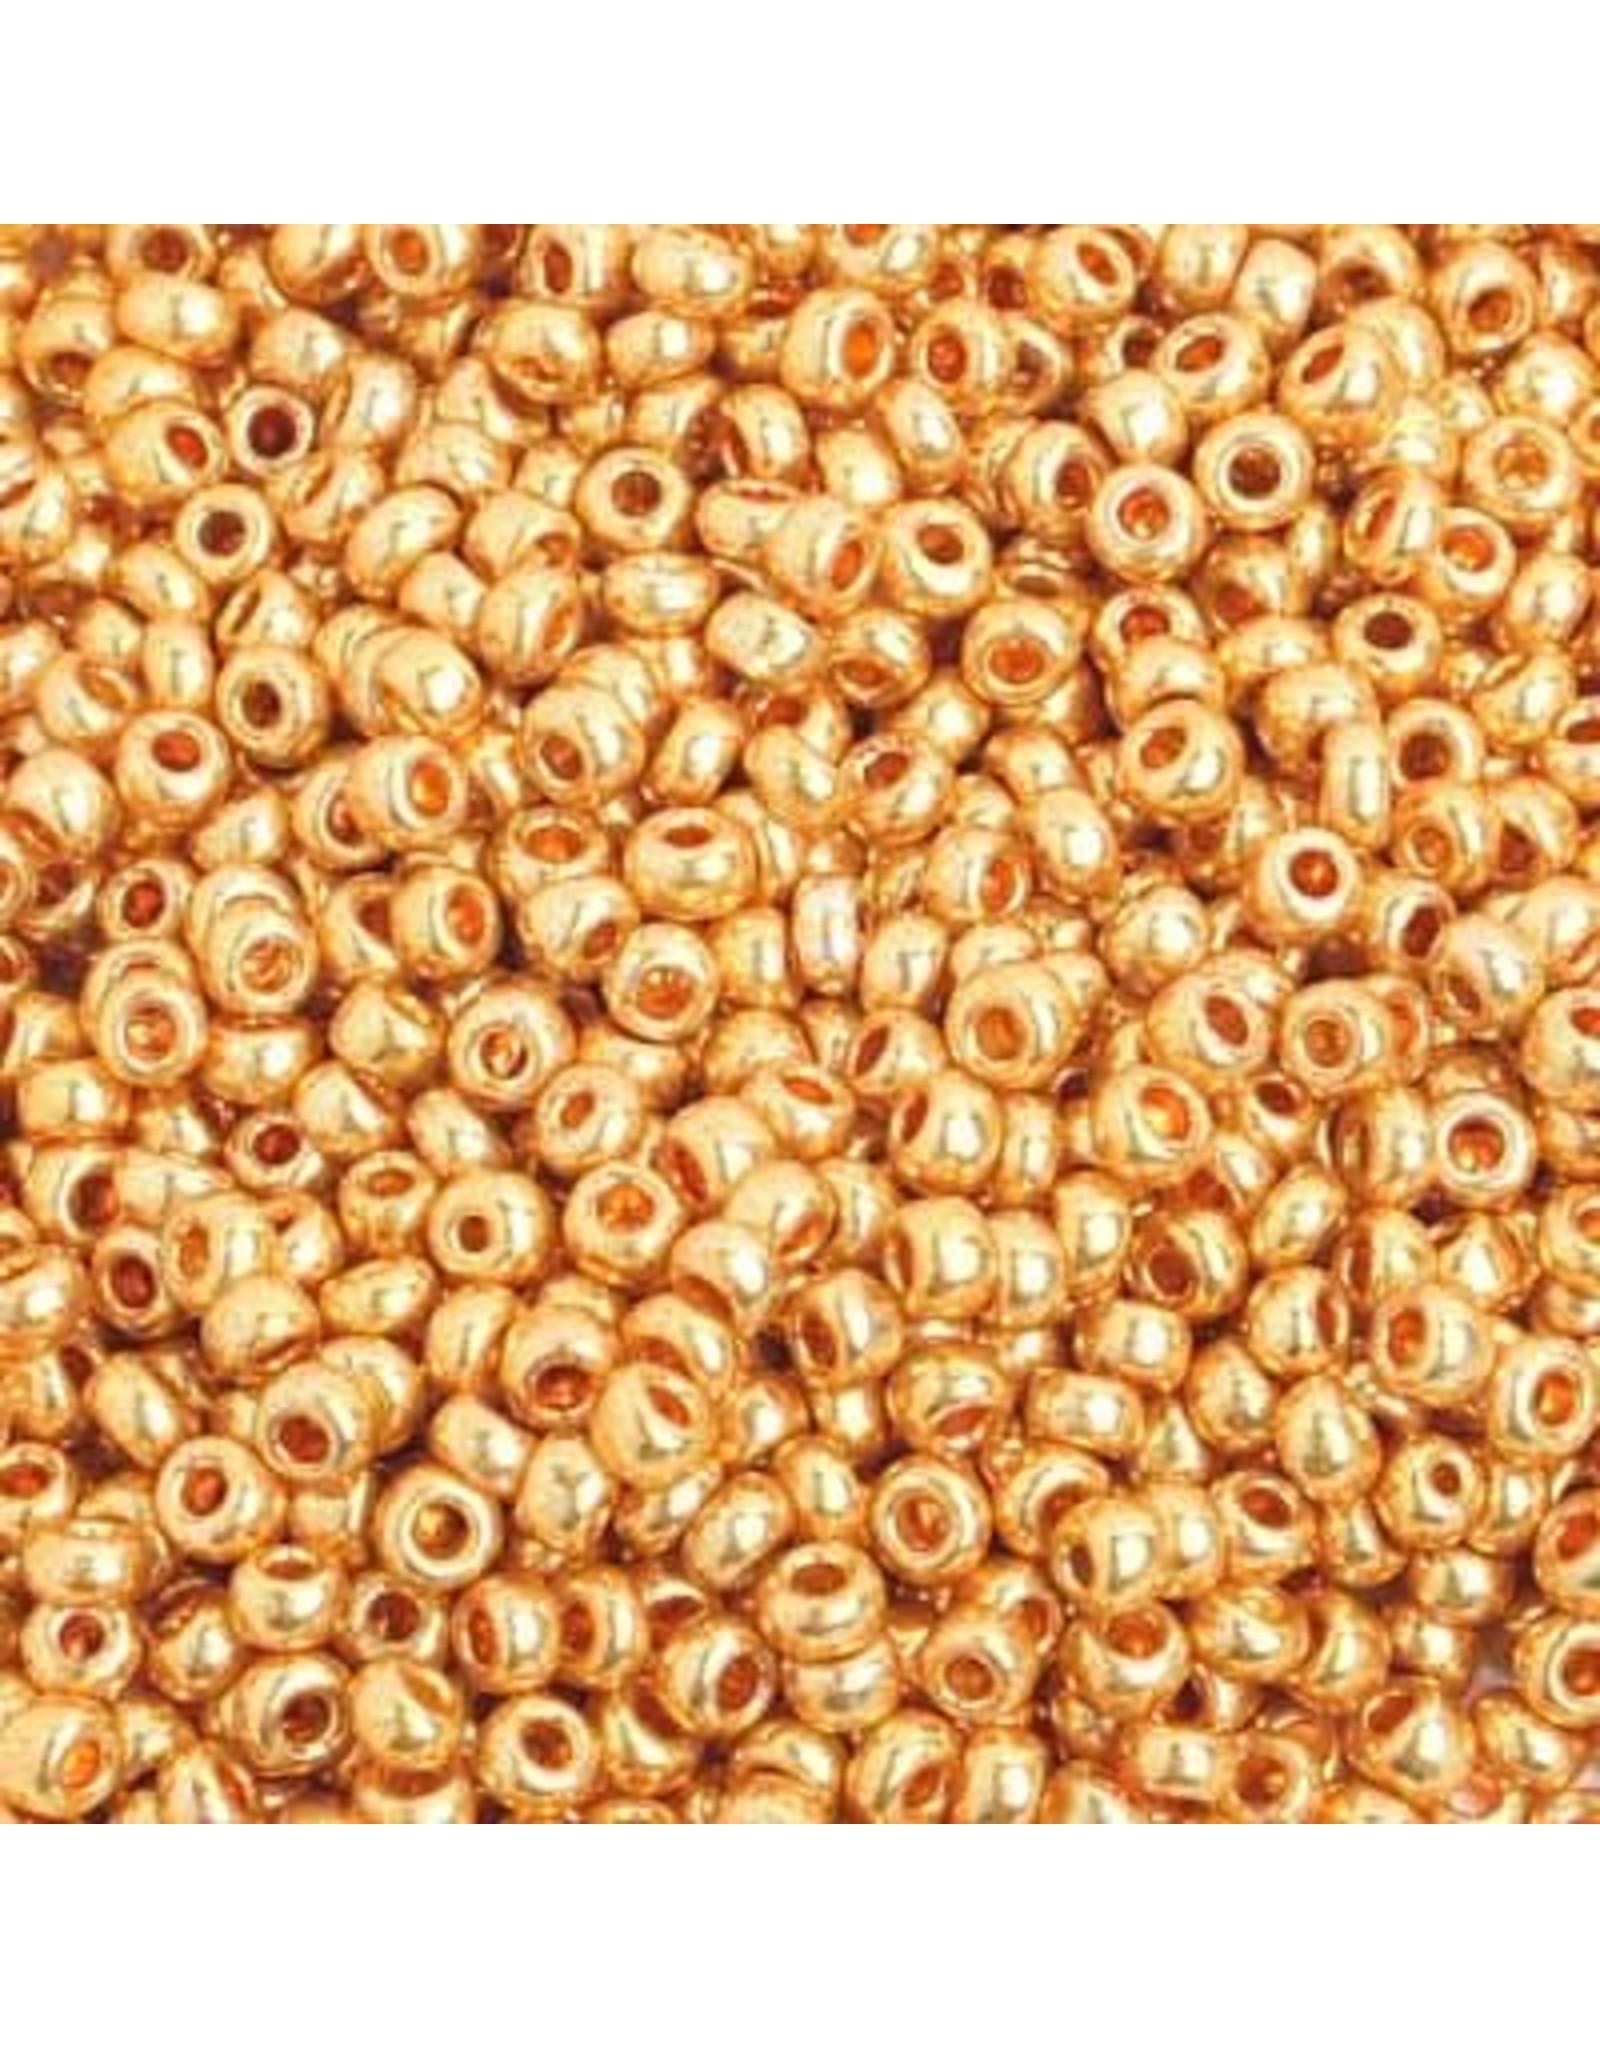 Czech 201605 8   Seed 20g  Gold Metallic